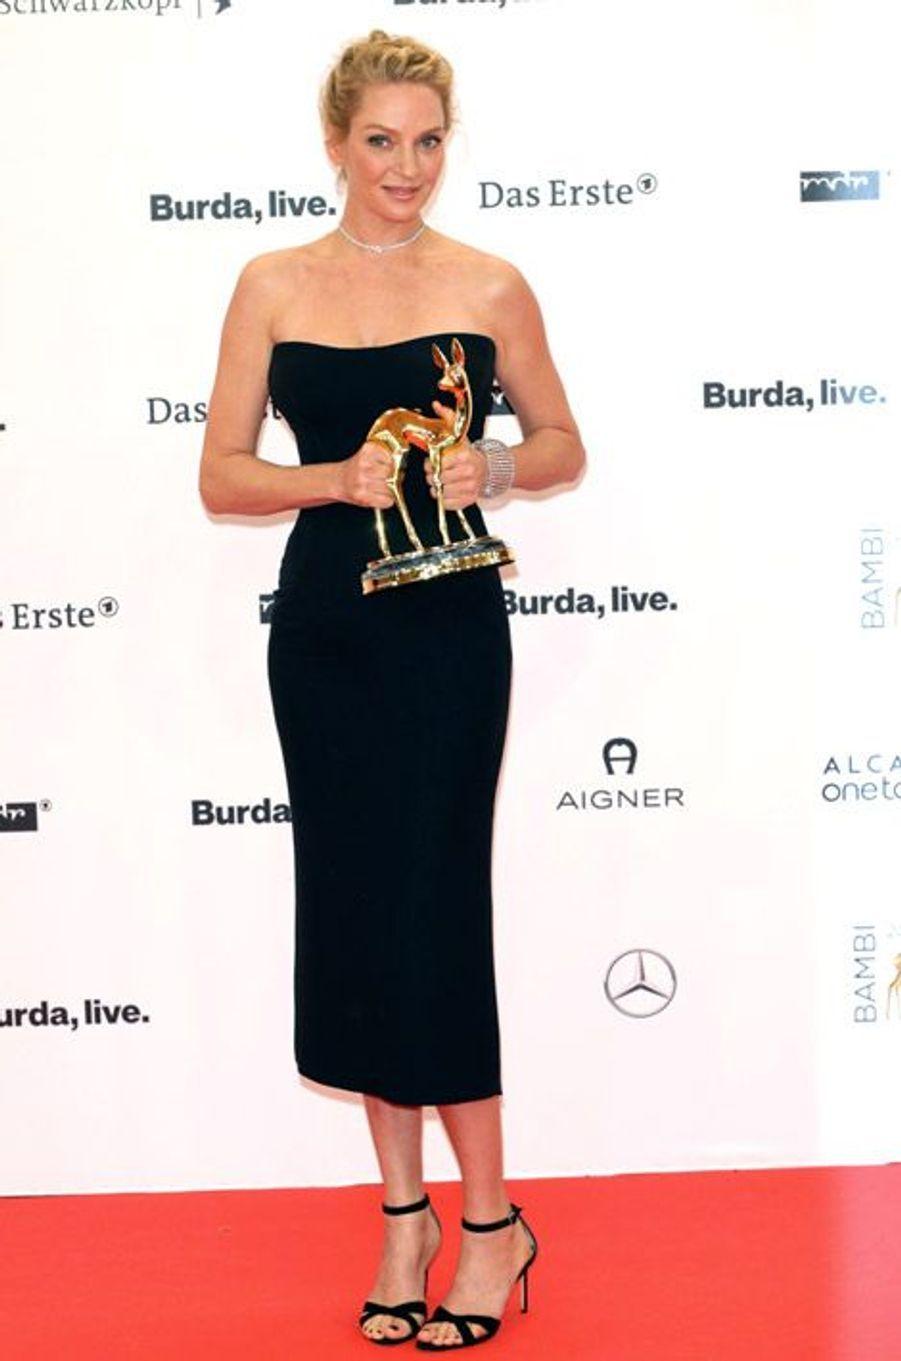 L'actrice Uma Thurman en Atelier Versace lors de la cérémonie Bambi Award à Berlin, le 13 novembre 2014